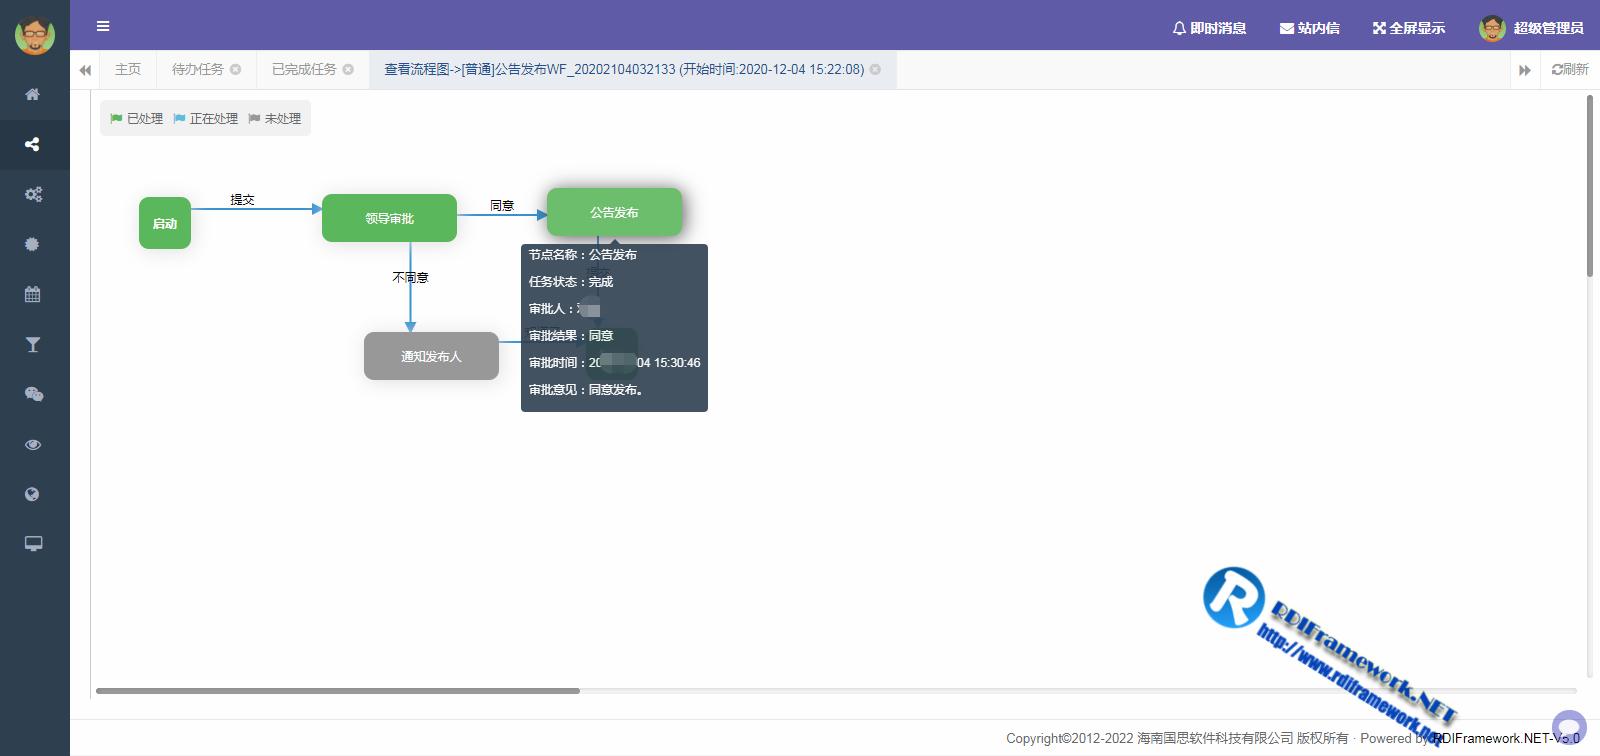 已完成任务-流程执行状态图